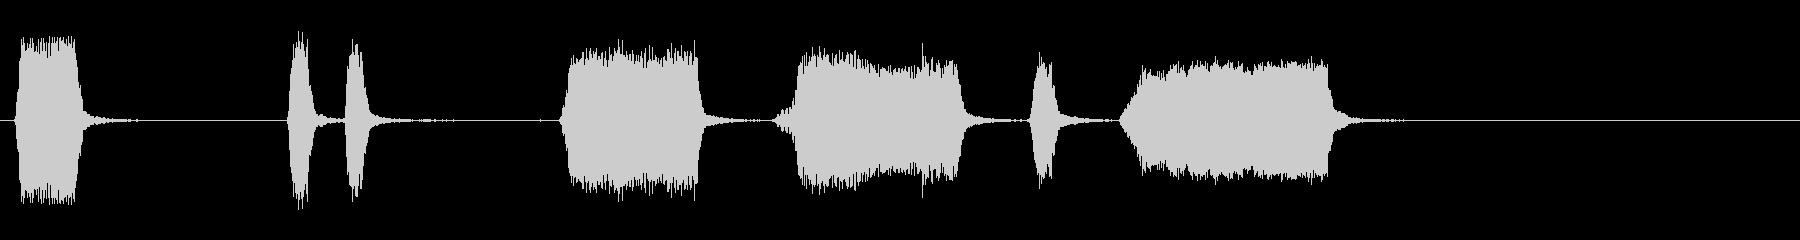 エアホイッスルアンティーク2をトレ...の未再生の波形